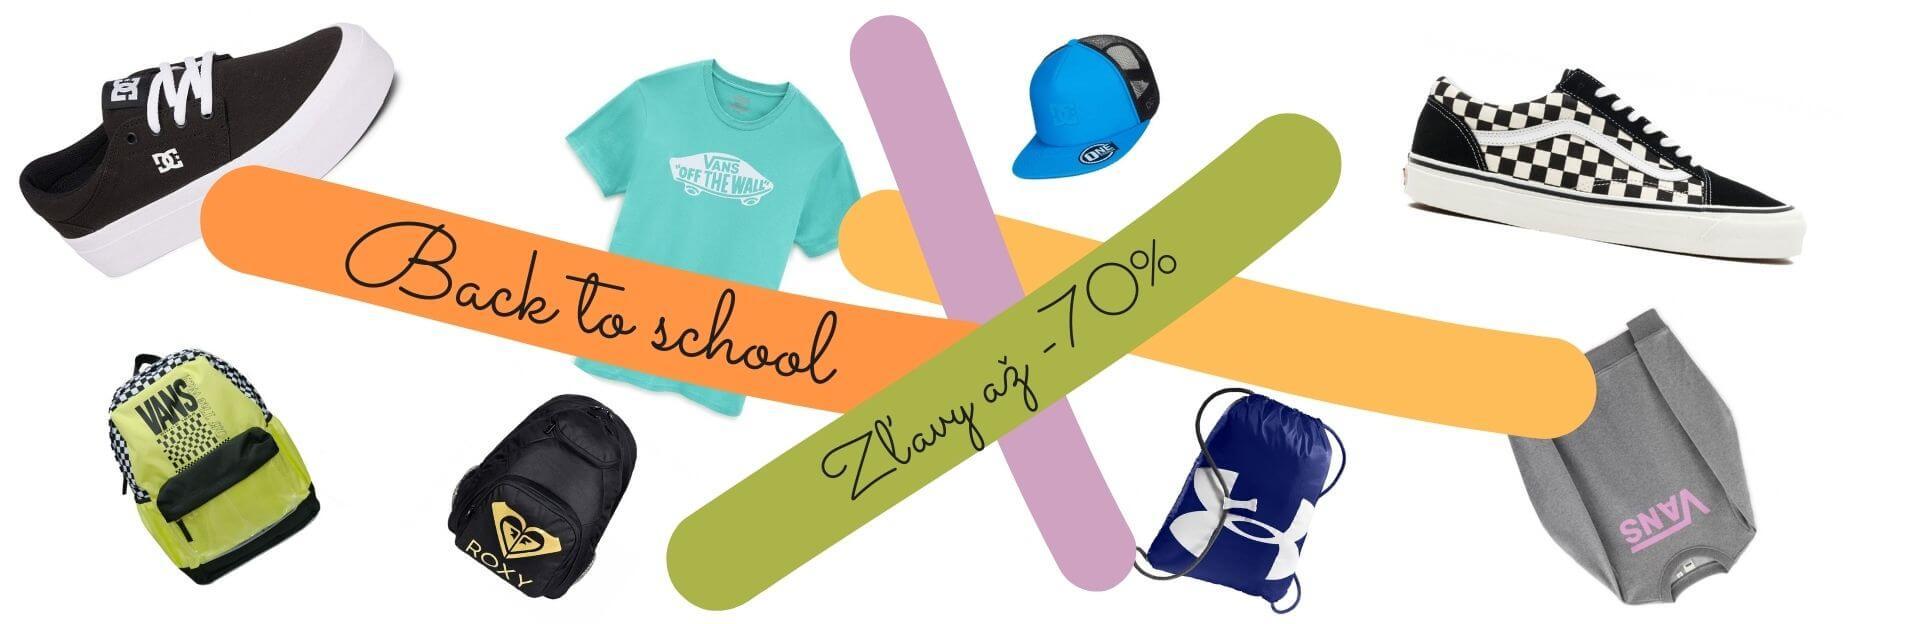 Back to school zľavy na oblečenie a obuv až 70% | Belda.sk